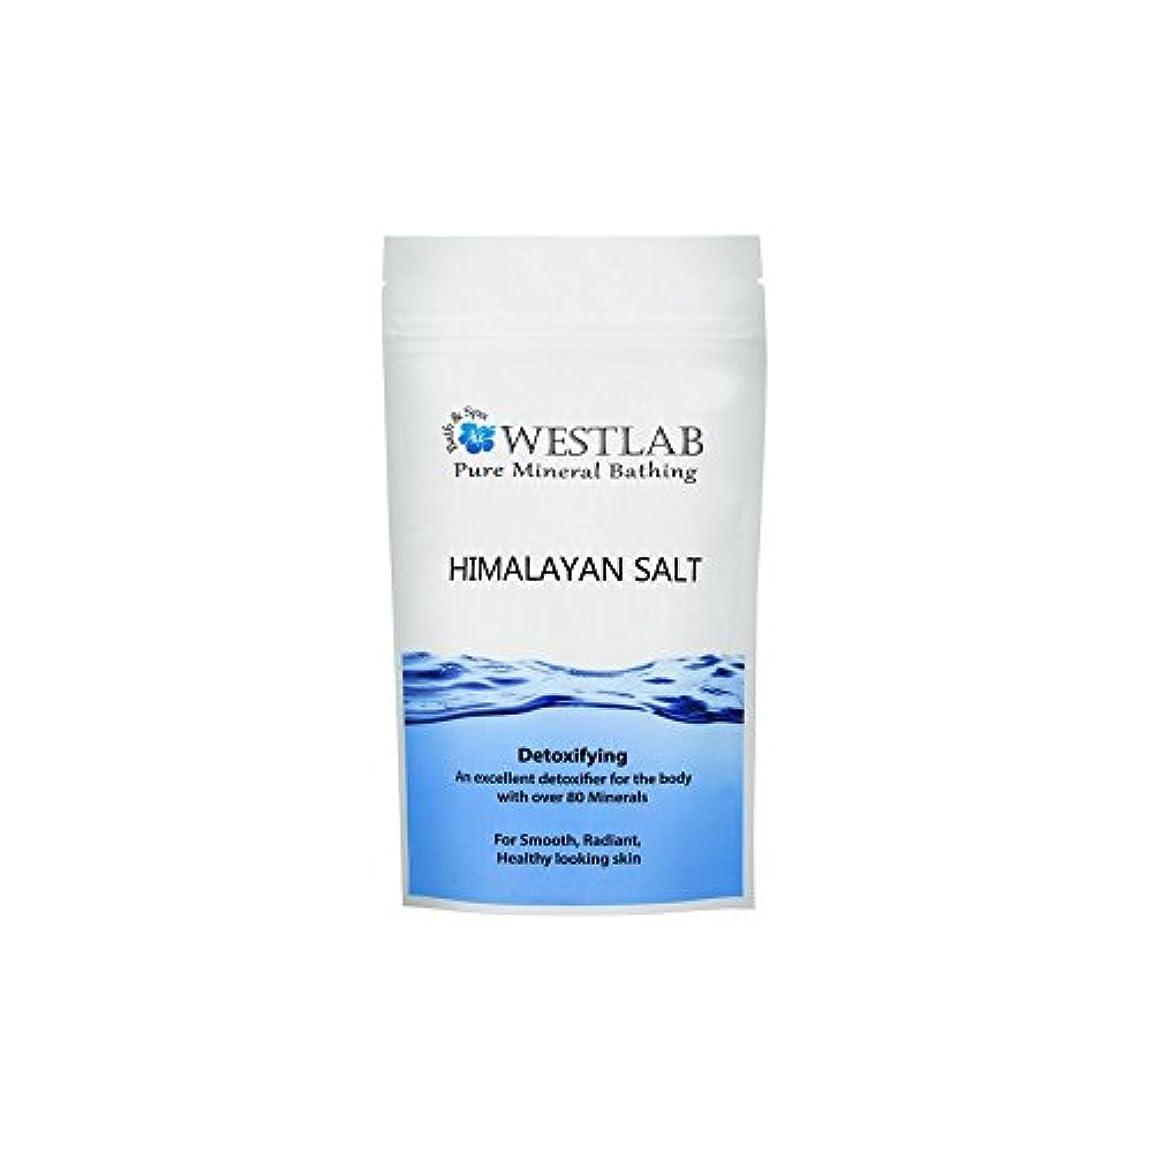 古風なソフィーきしむヒマラヤ塩の1キロ x2 - Westlab Himalayan Salt 1kg (Pack of 2) [並行輸入品]